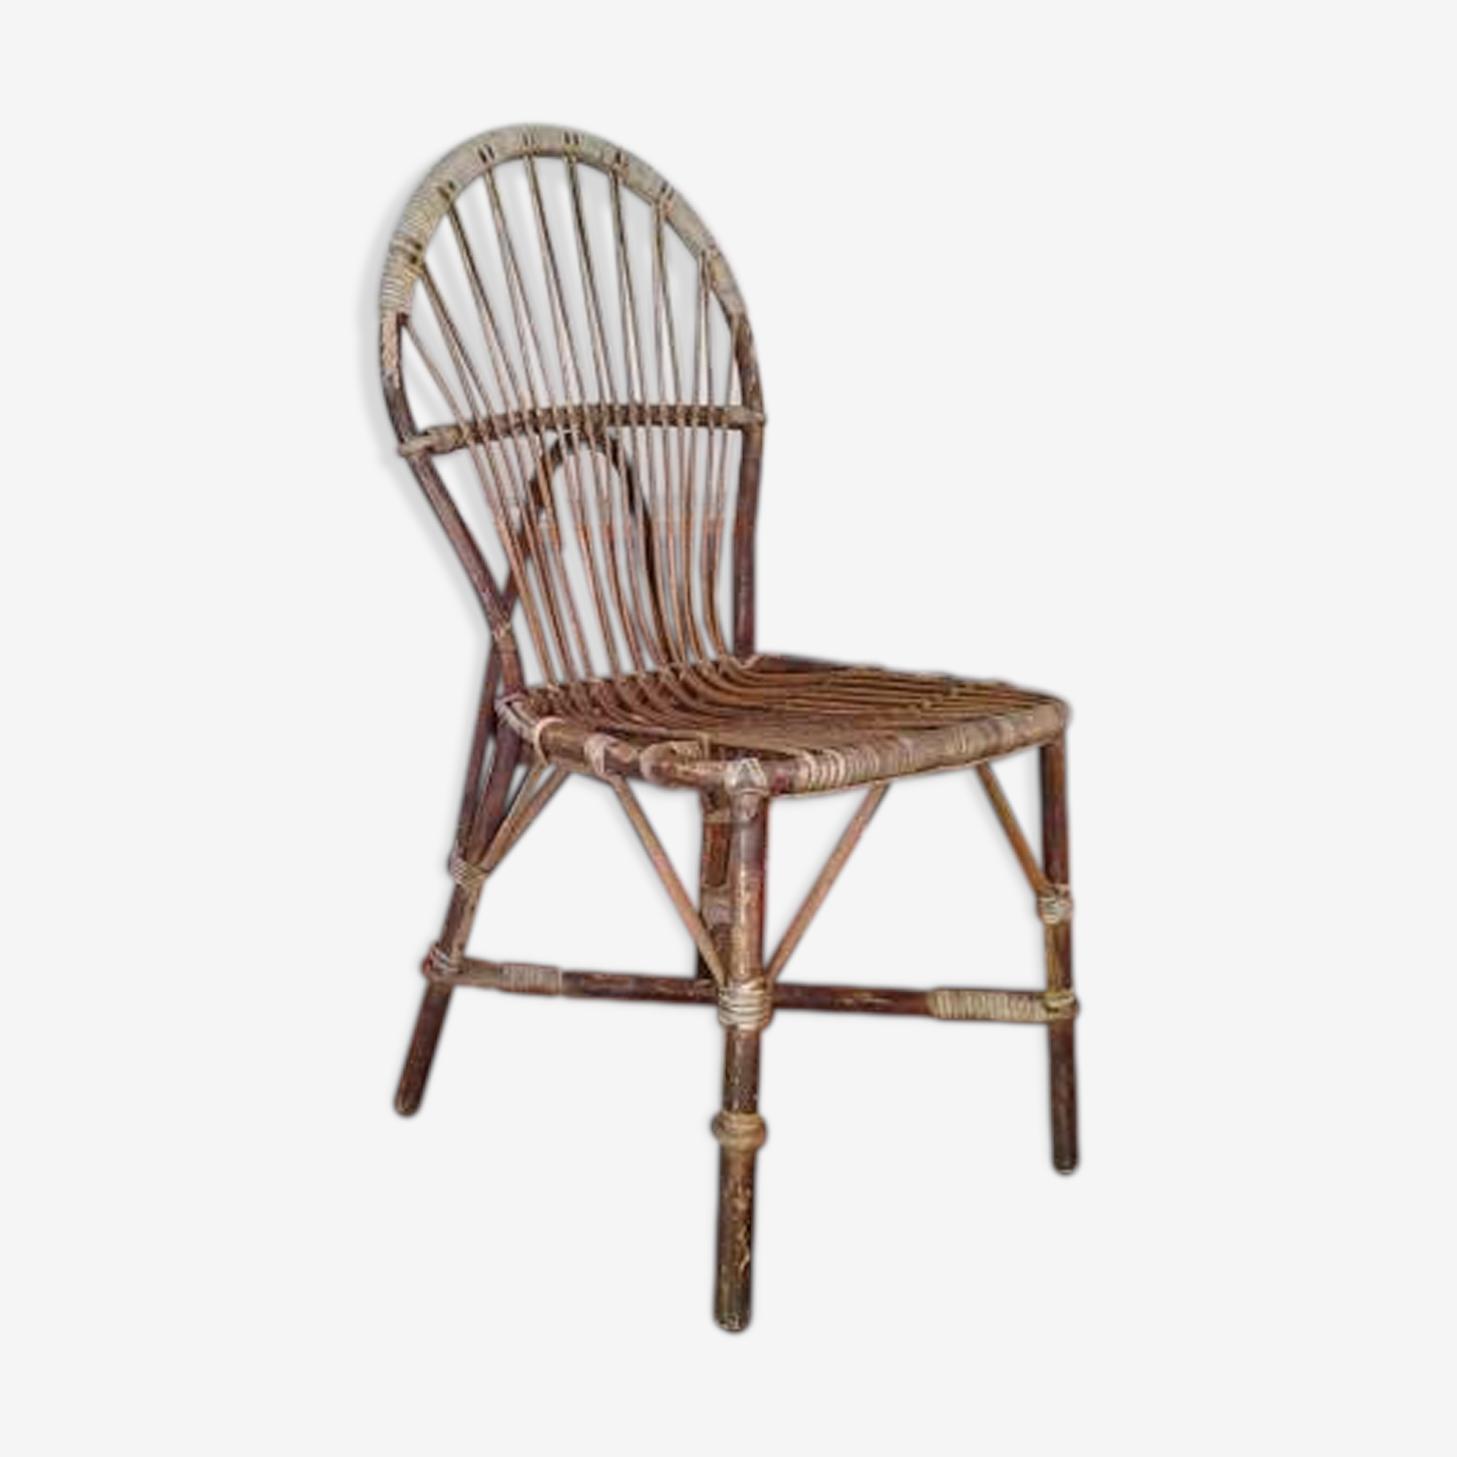 Chaise en bambou et rotin Audoux Minnet Golf Juan des années 50